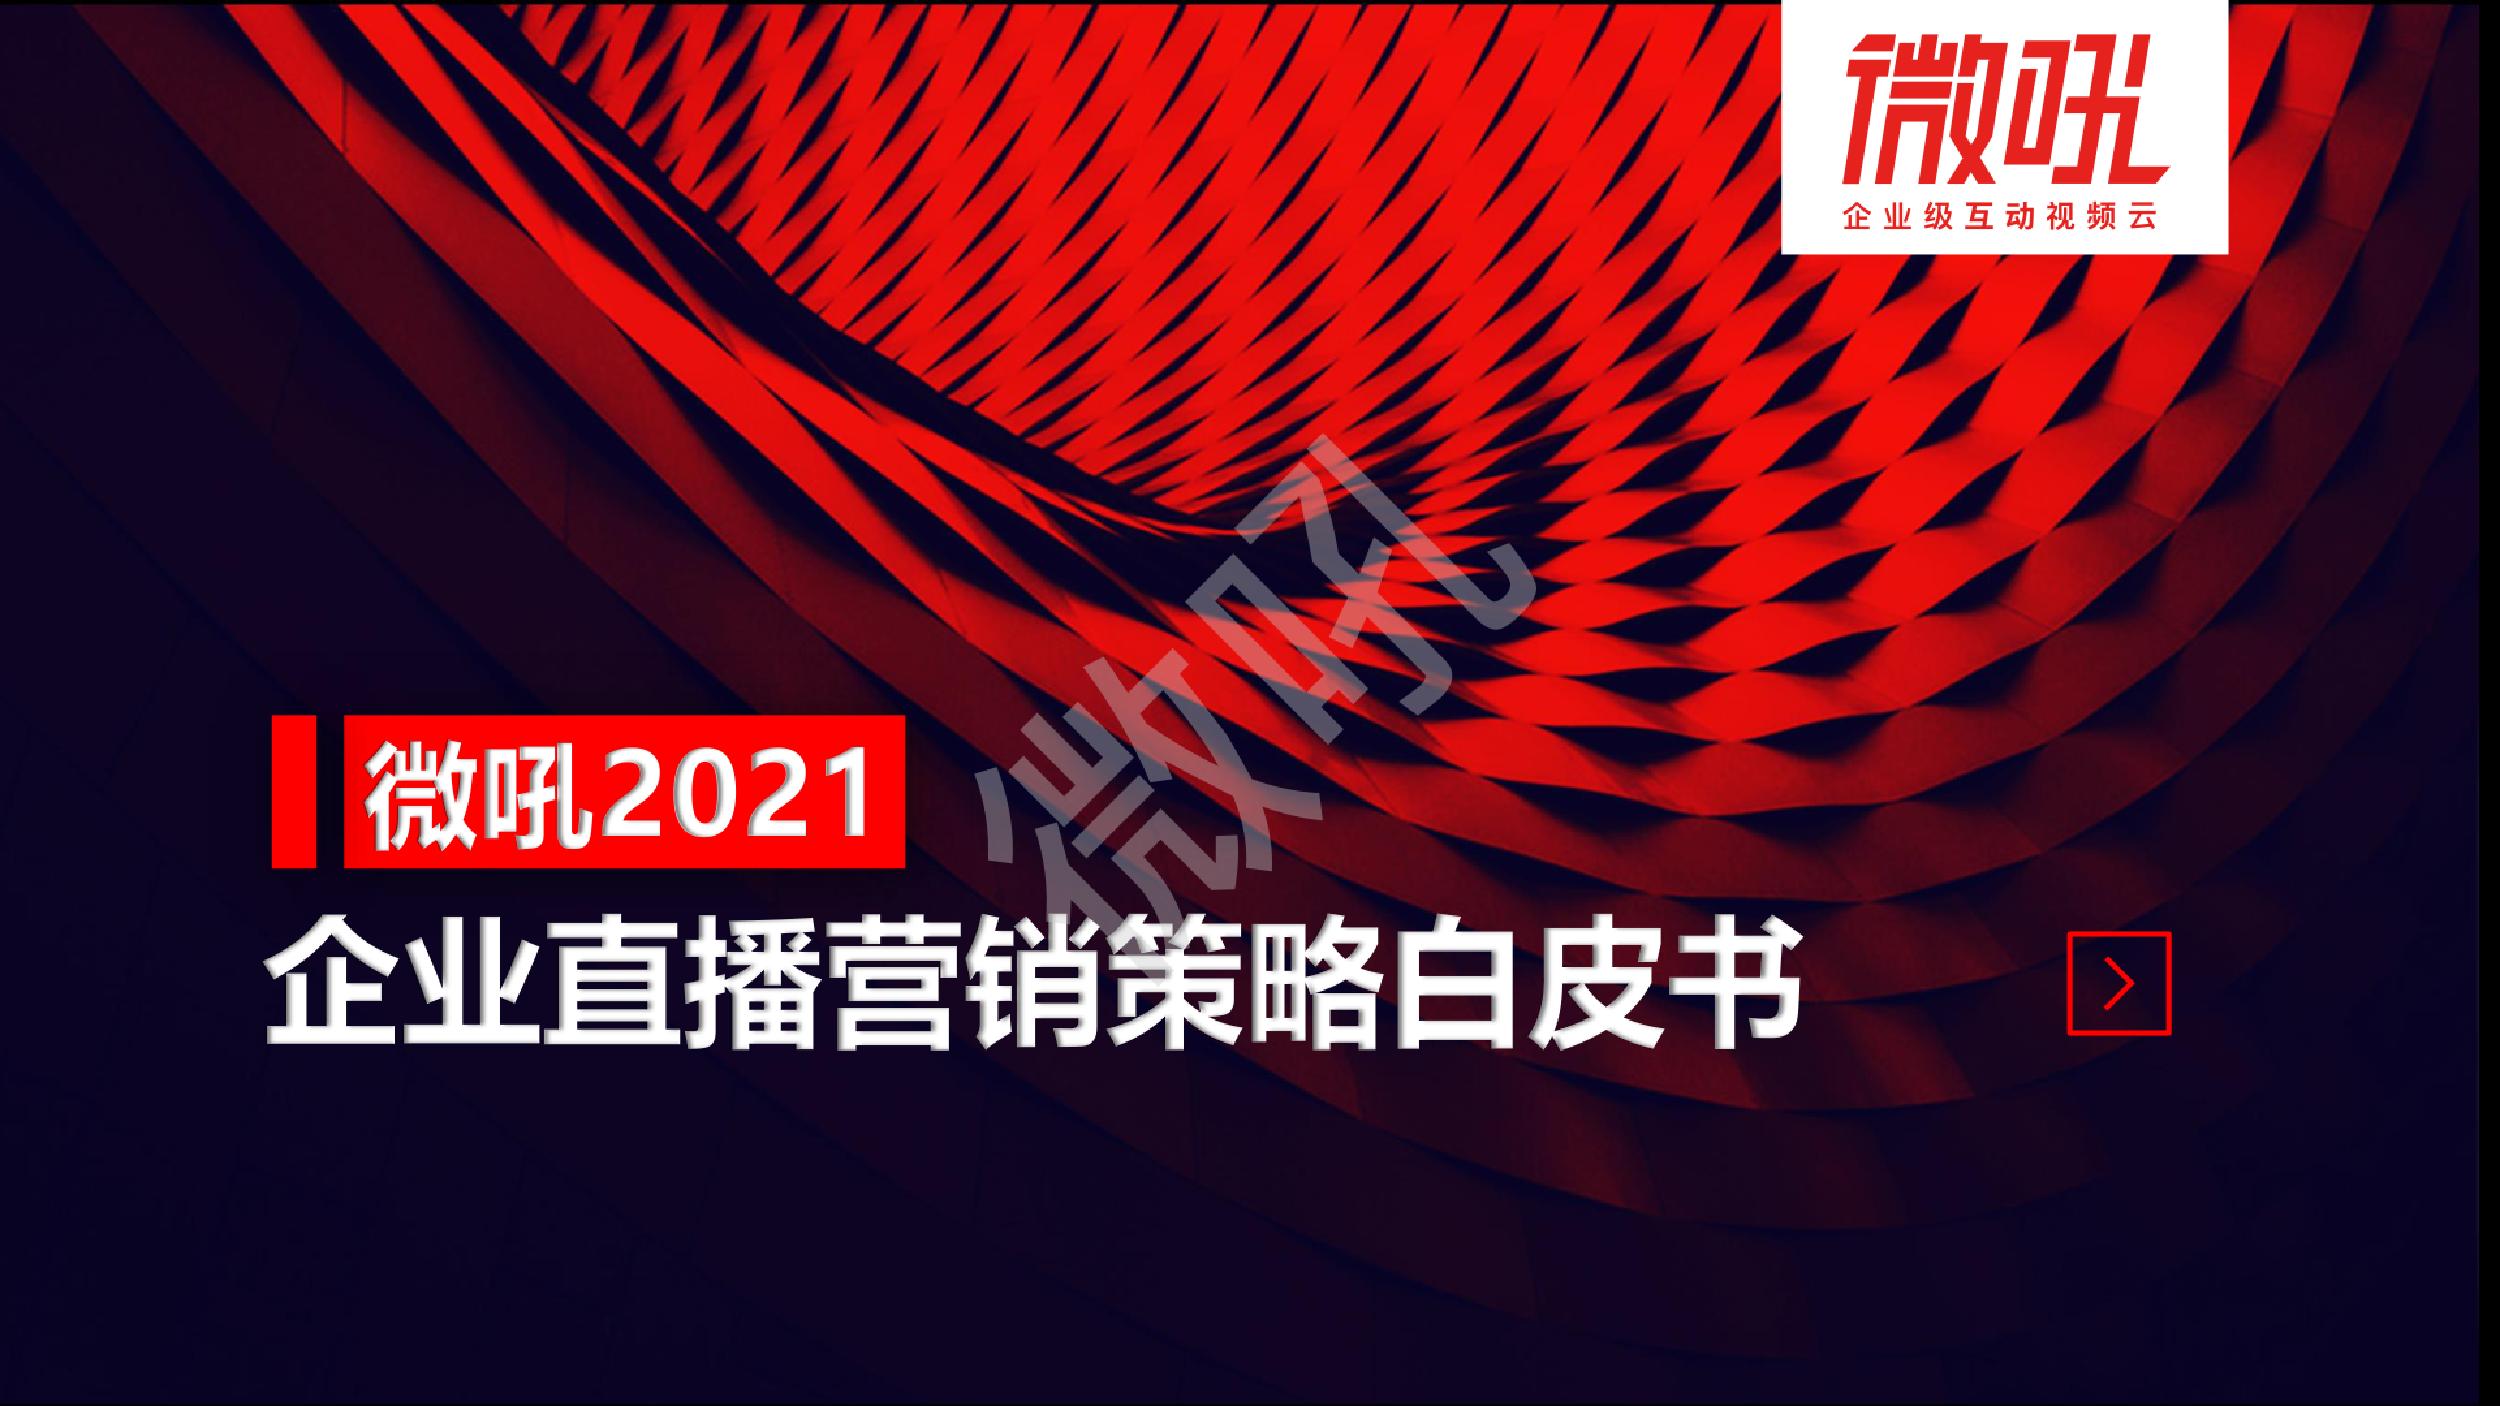 2021年中国企业直播营销策略白皮书